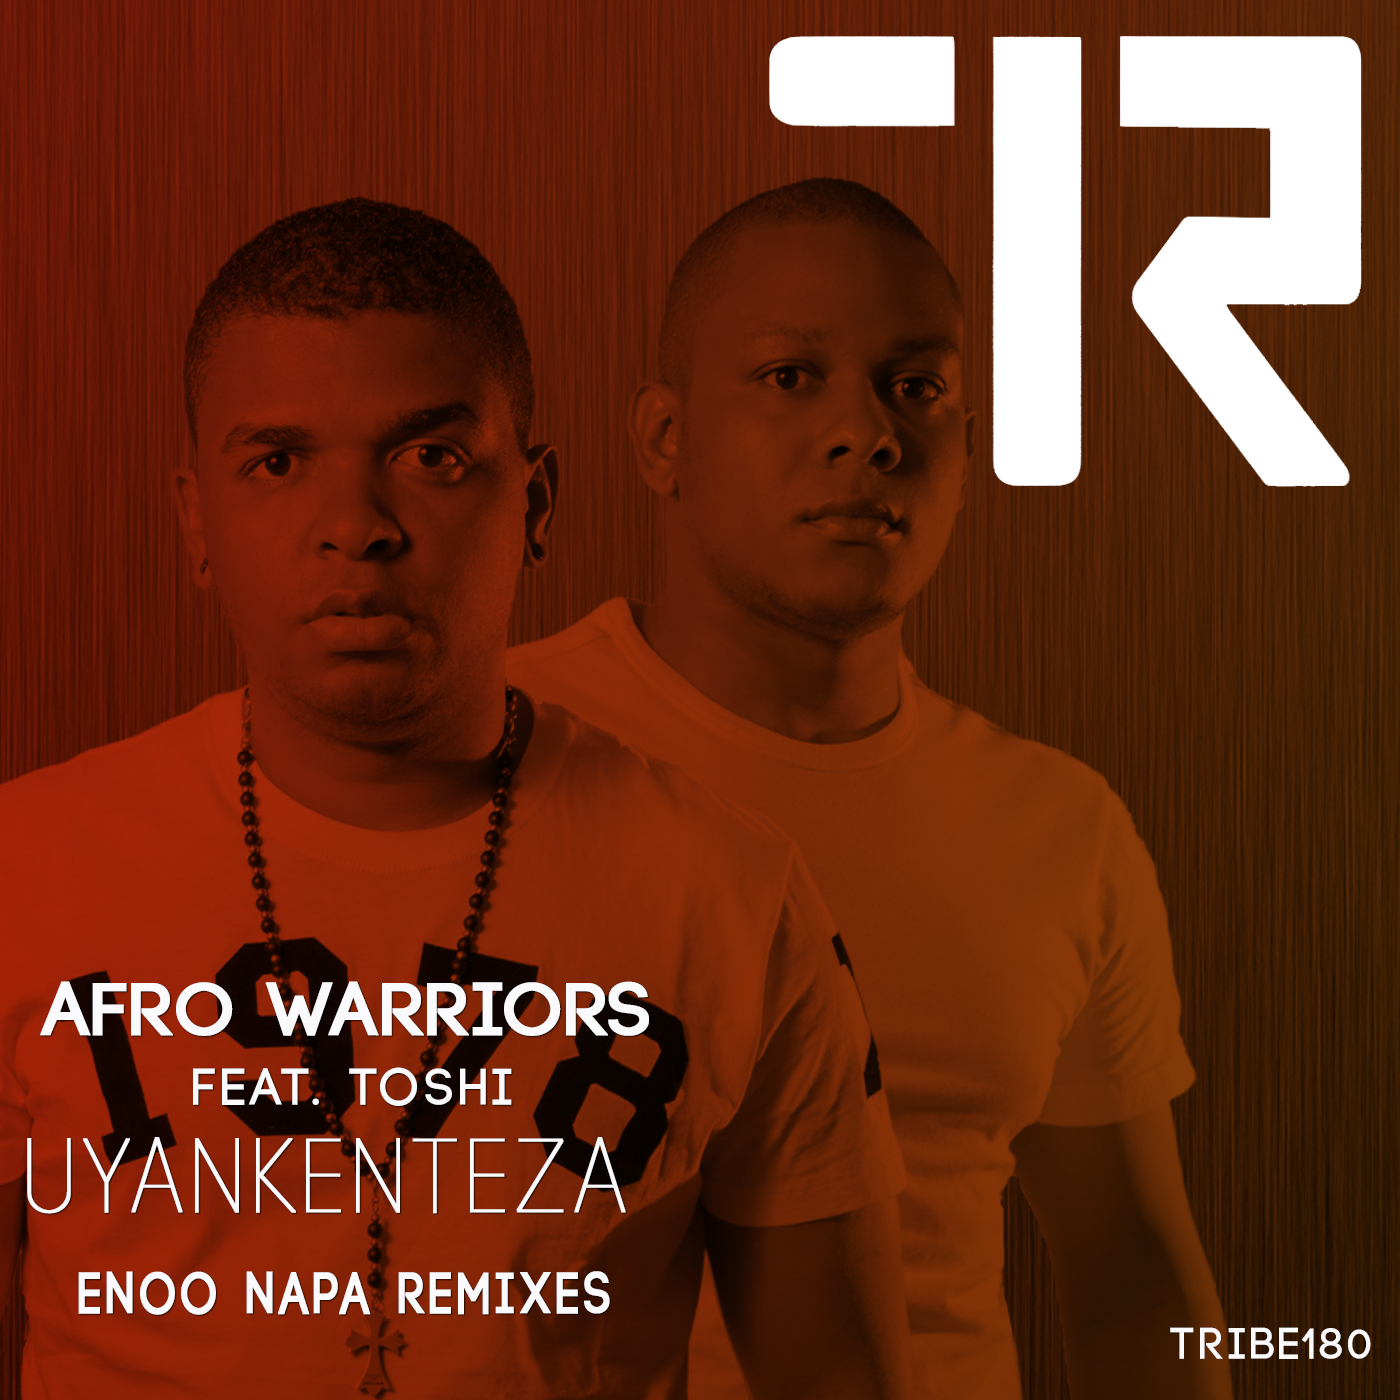 AFRO WARRIORS FT TONSHI UYANKENTEZA (ENOO NAPA REMIXES)